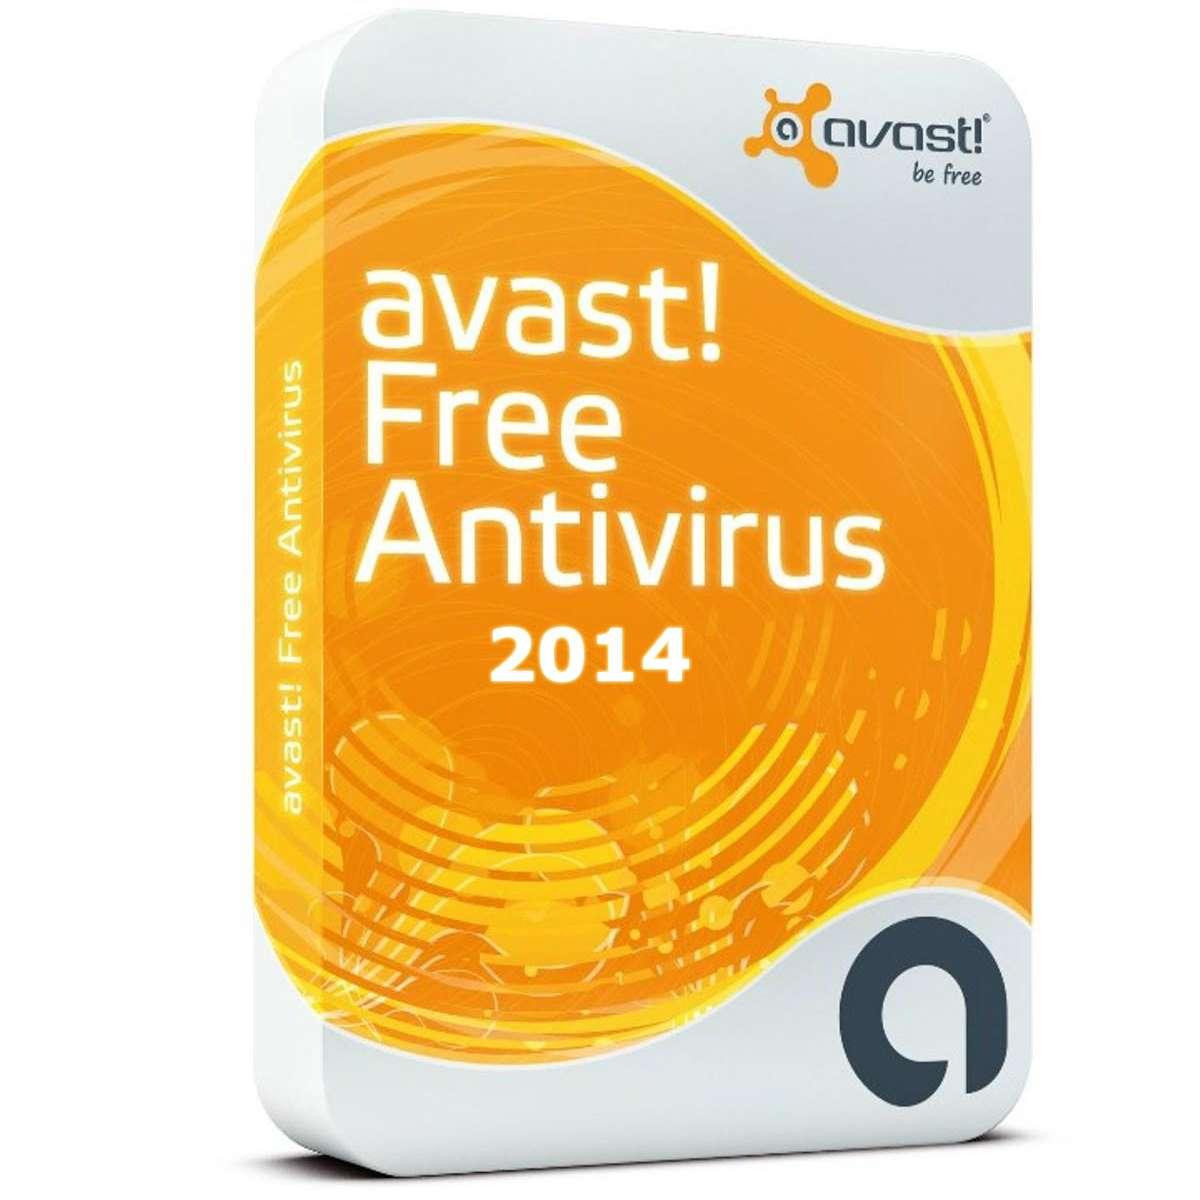 نسخه بتای آنتی ویروس آواست ۲۰۱۴ منتشر شد